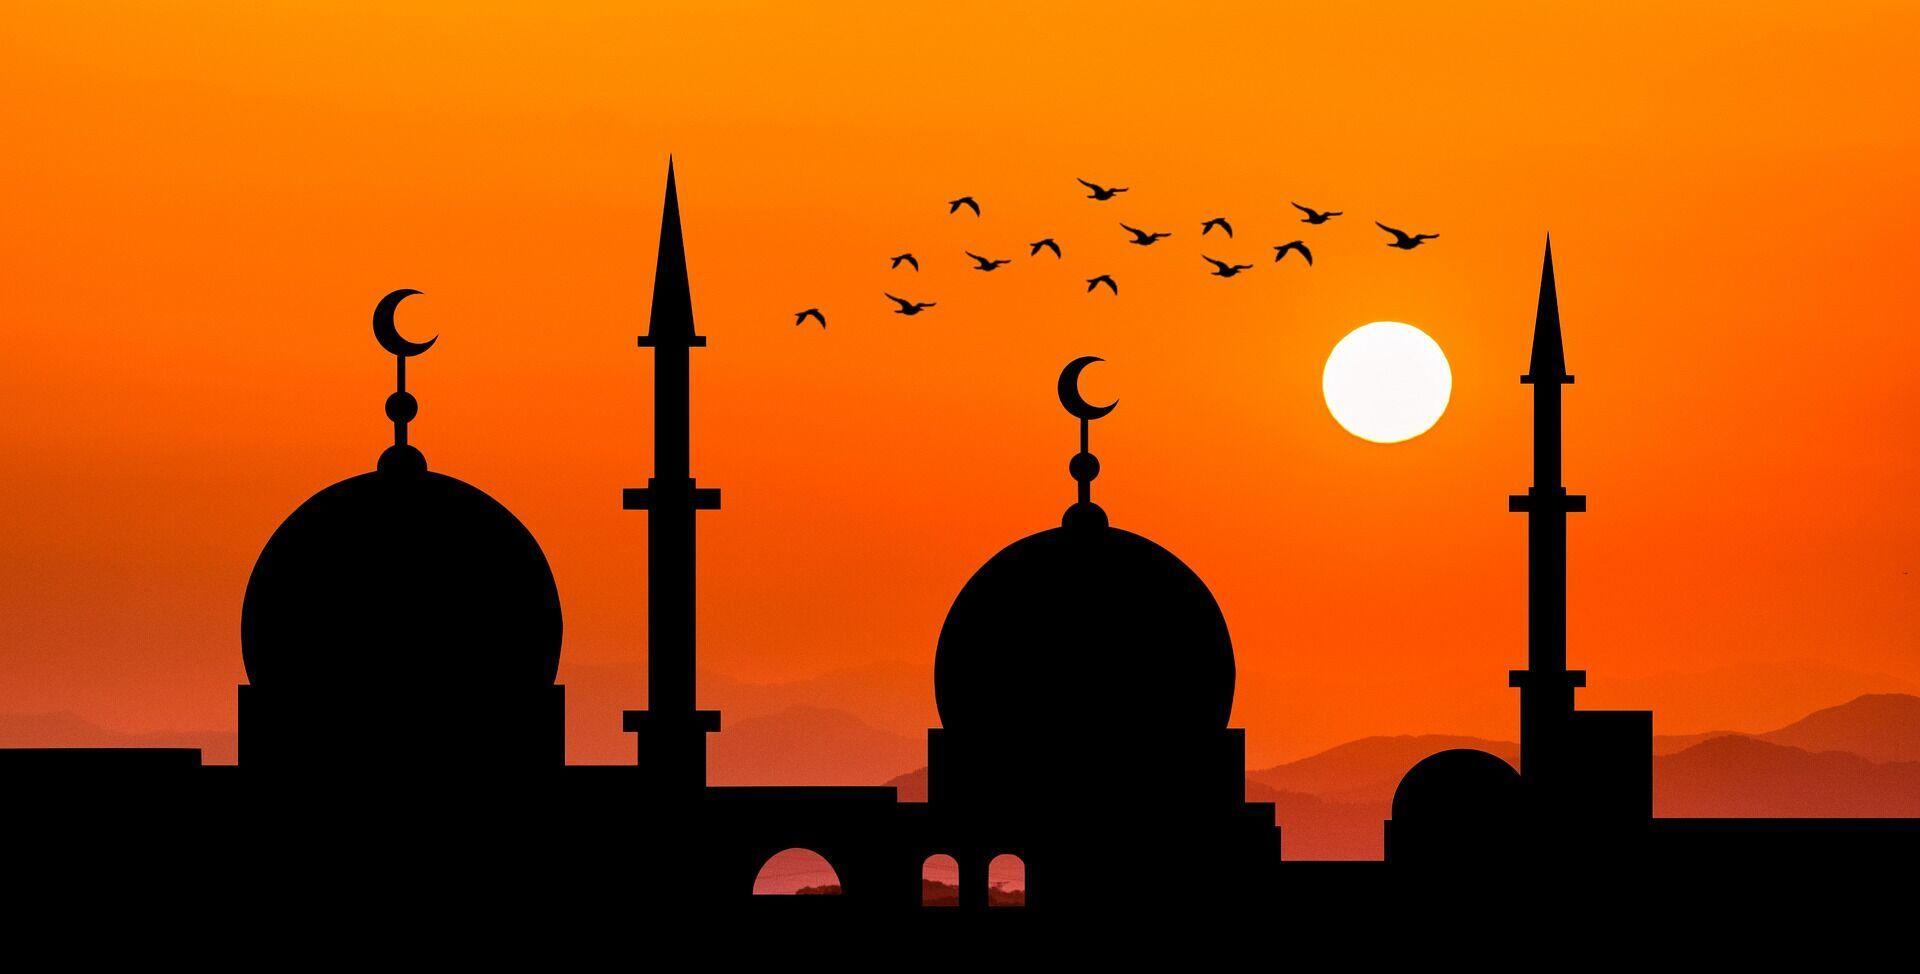 В Рамадан мусульмане полностью отказываются от употребления еды и питья в дневное время